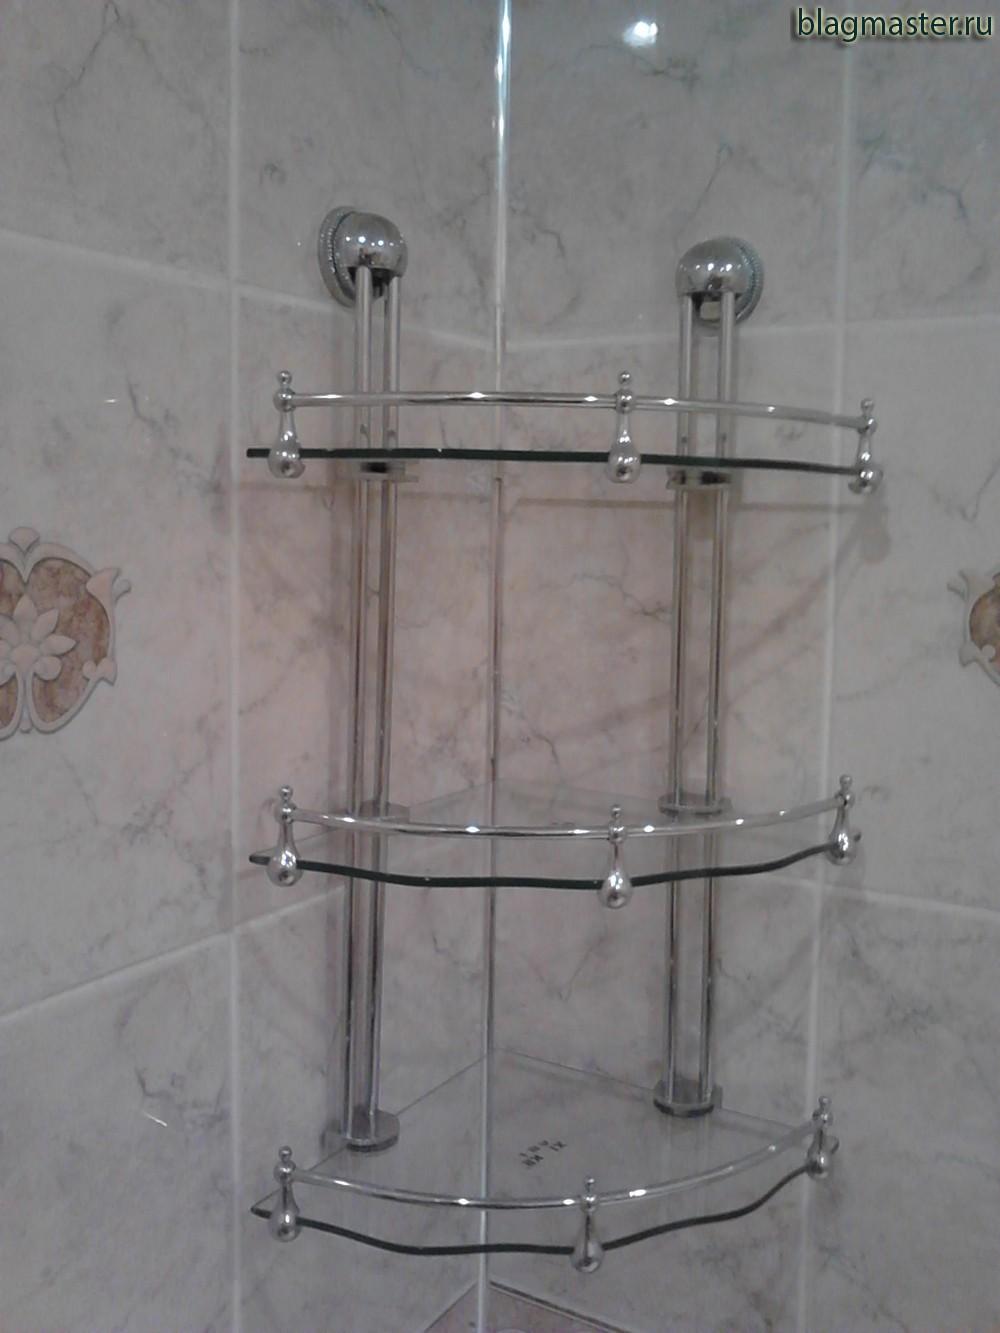 Крепление угловой полки в ванной.